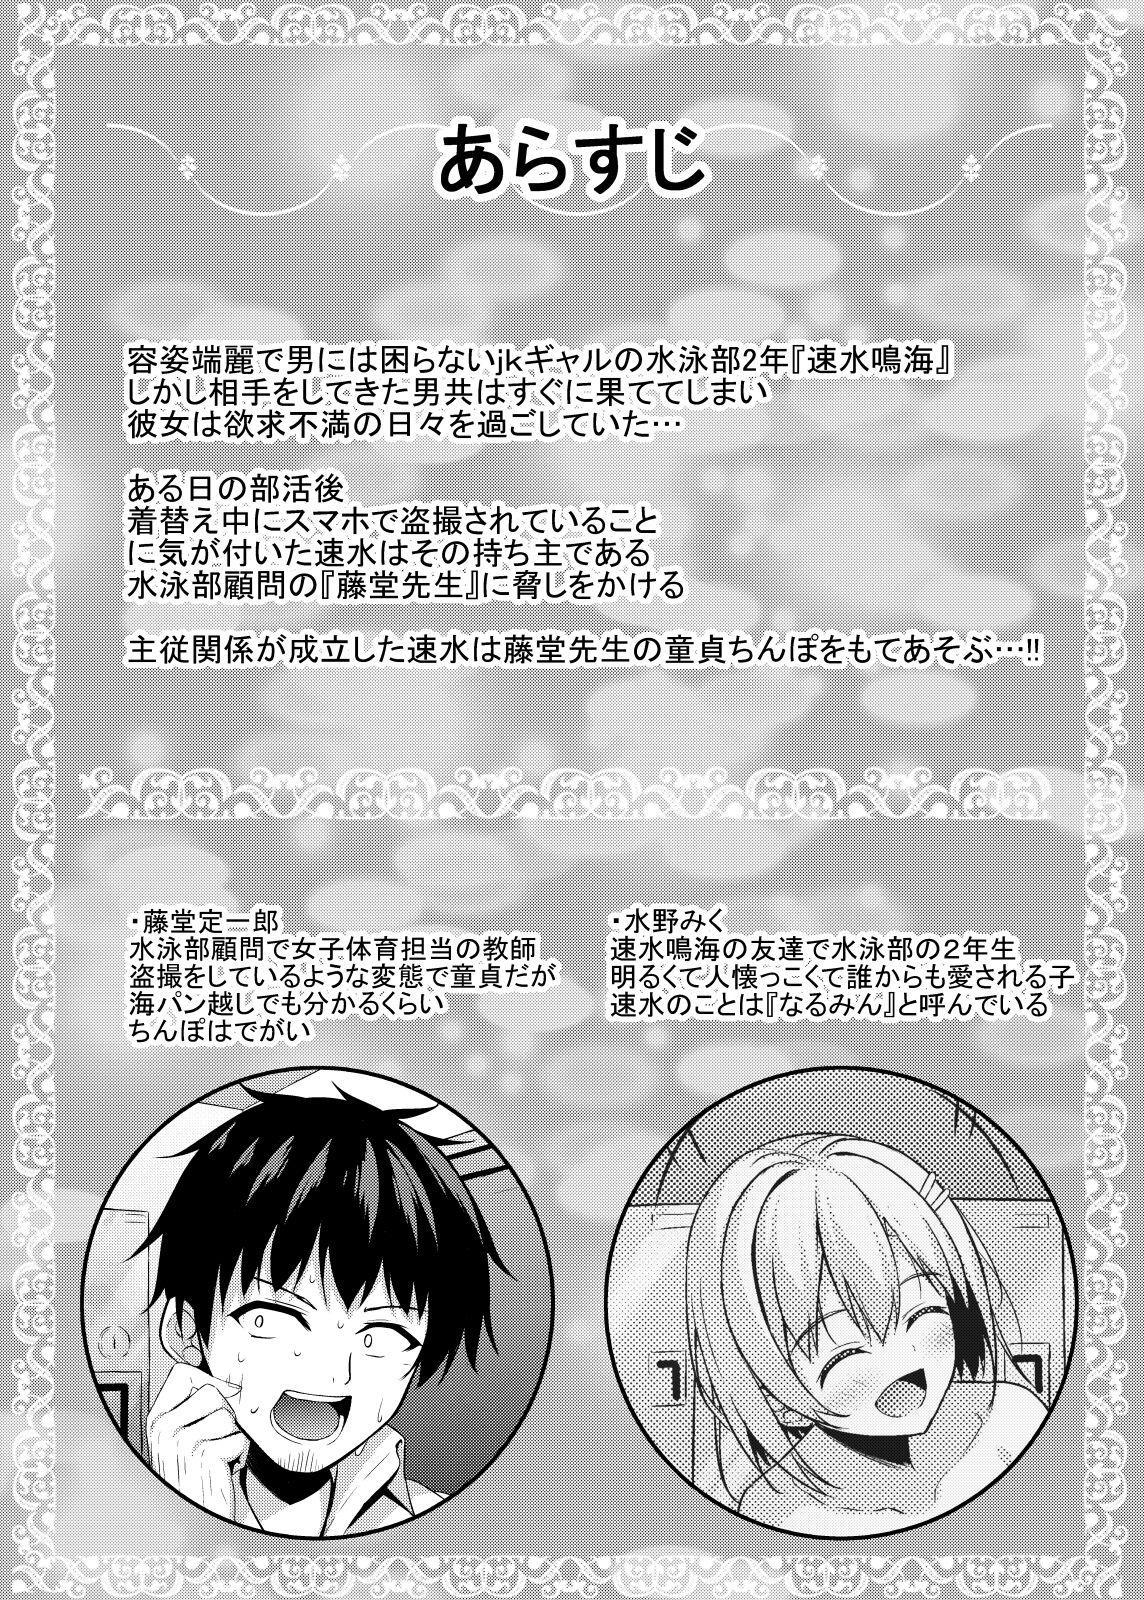 Gal jk Suieibu to Suieibu no Doutei Sensei no Himitsu 2